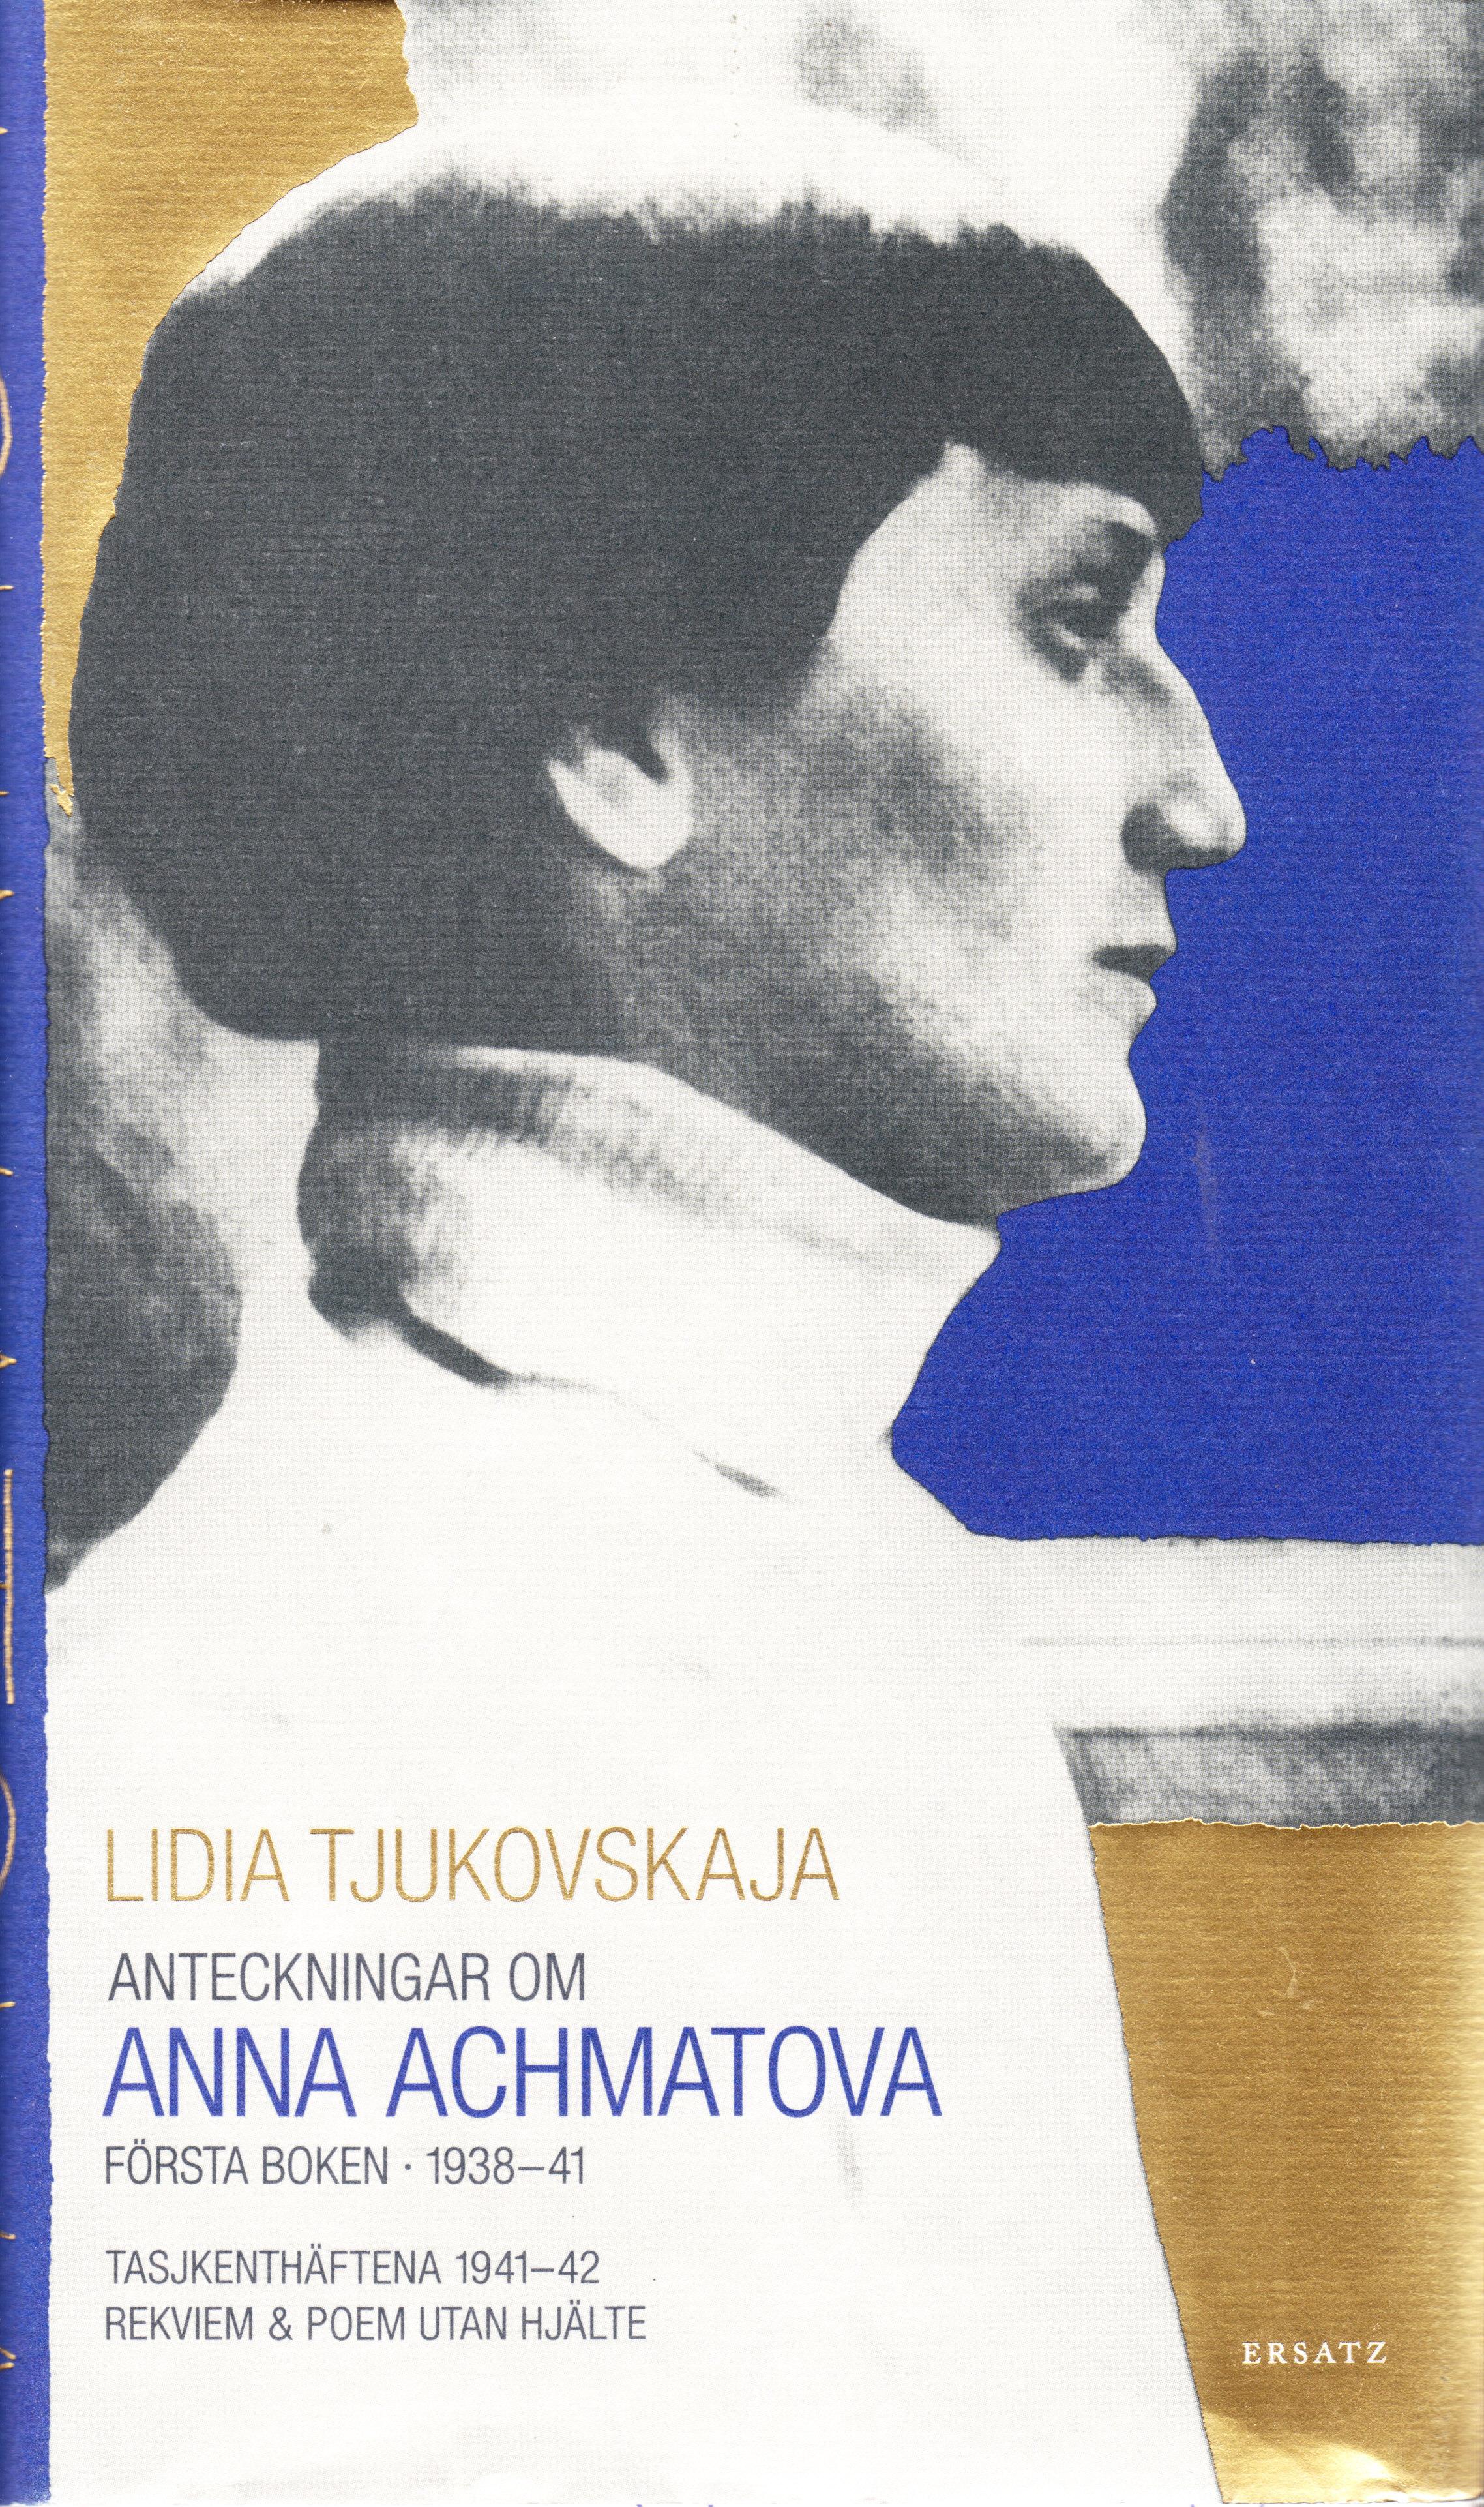 Anteckningar om Anna Achmatova, första boken: 1938-1941 Lidia Tjukovskaja